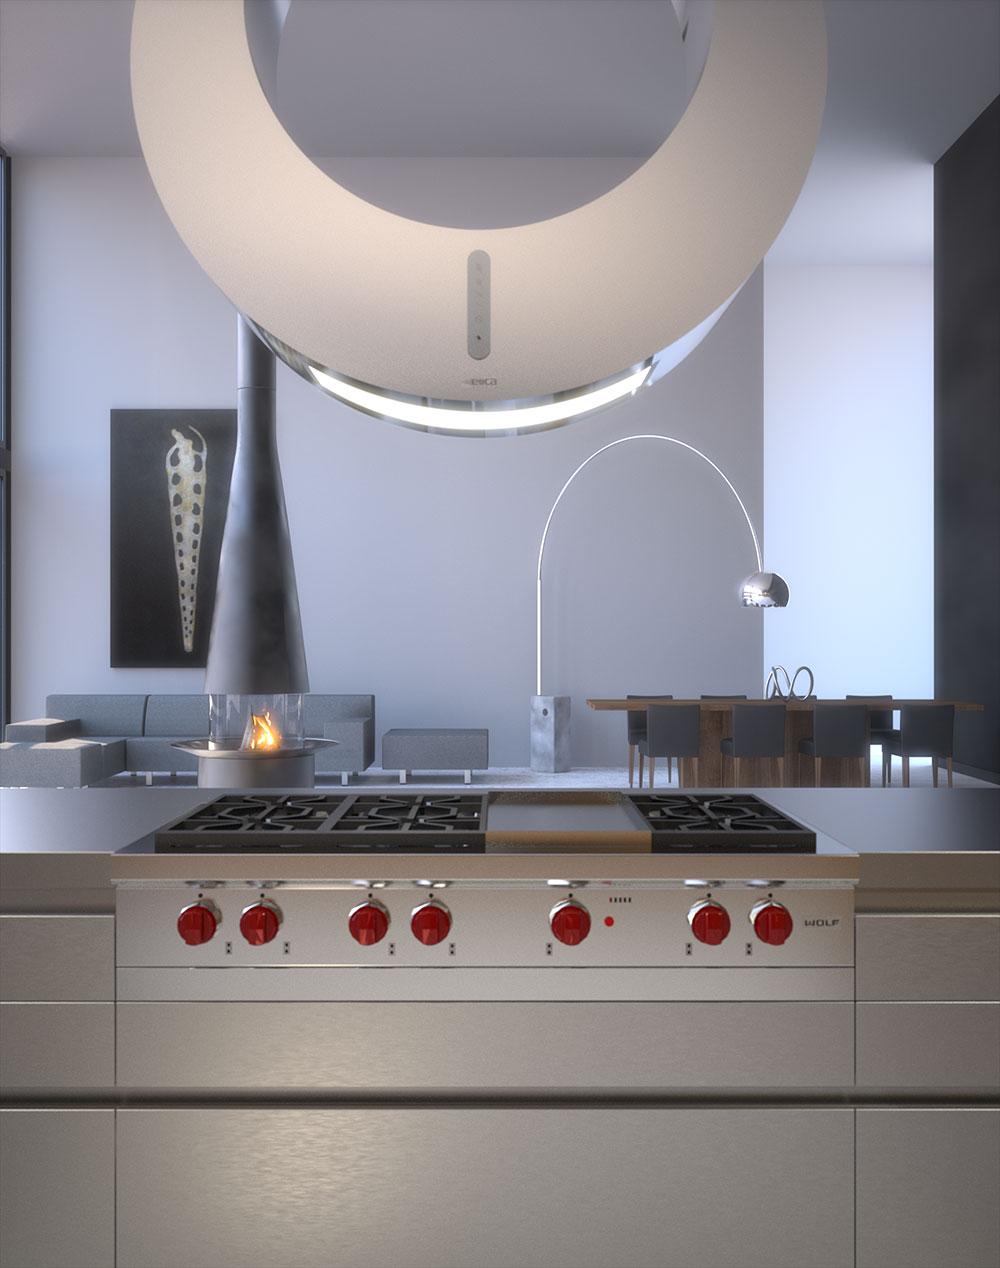 estudibasic-cocinas-de-diseno-interiores-3d